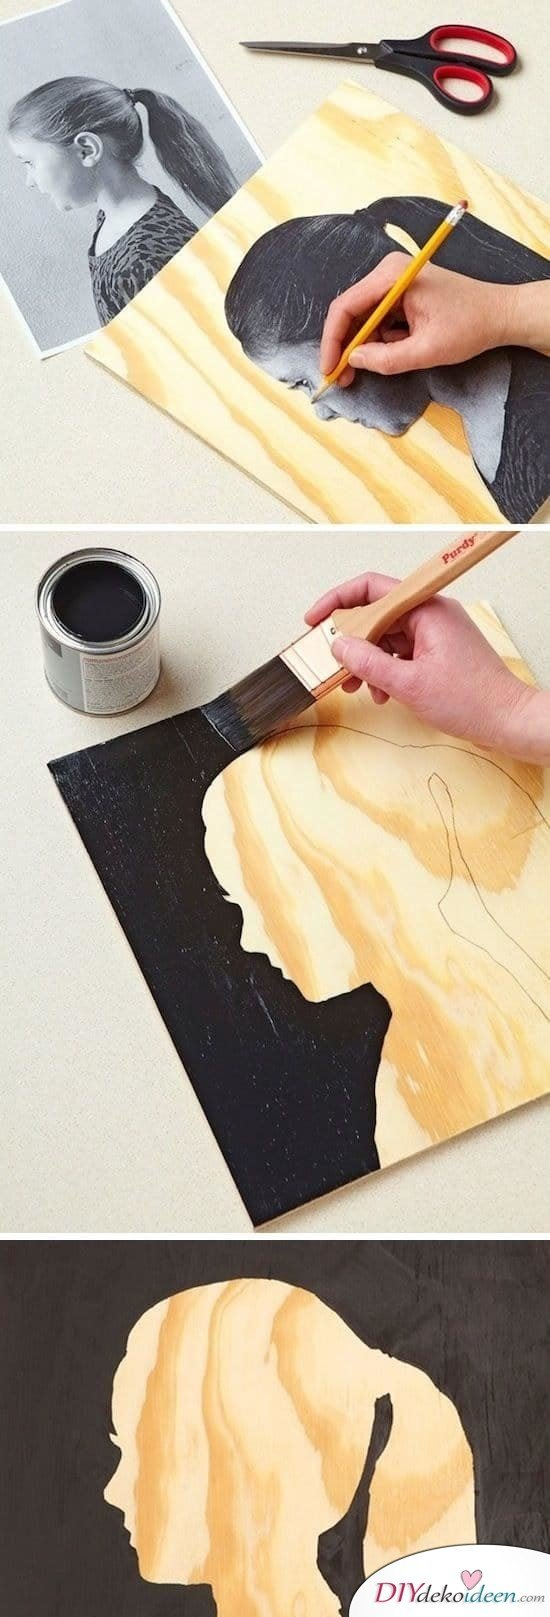 Einfache Kunst Selbermachen Geht So Leicht Mit Diesen Diy